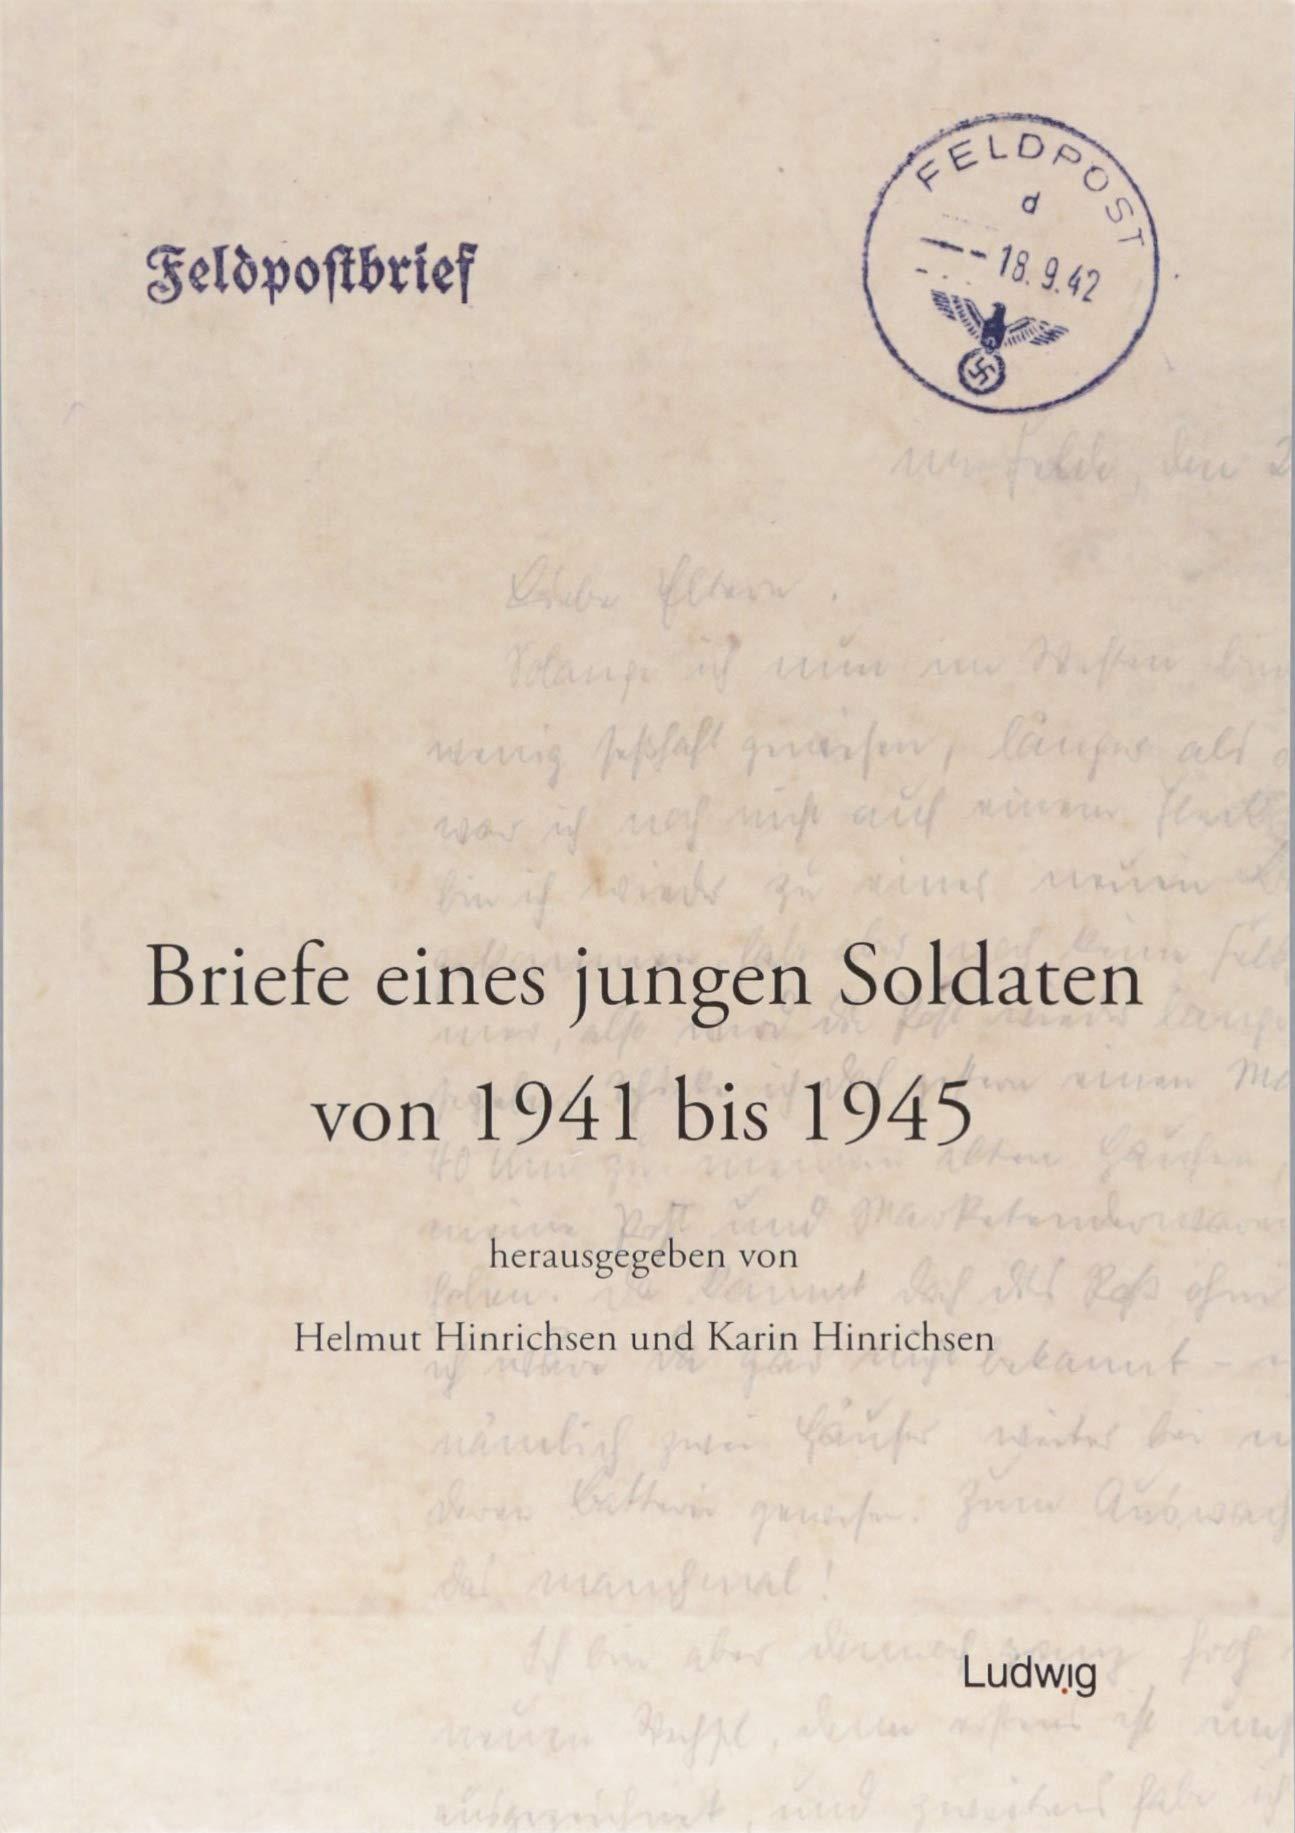 briefe-eines-jungen-soldaten-von-1941-bis-1945